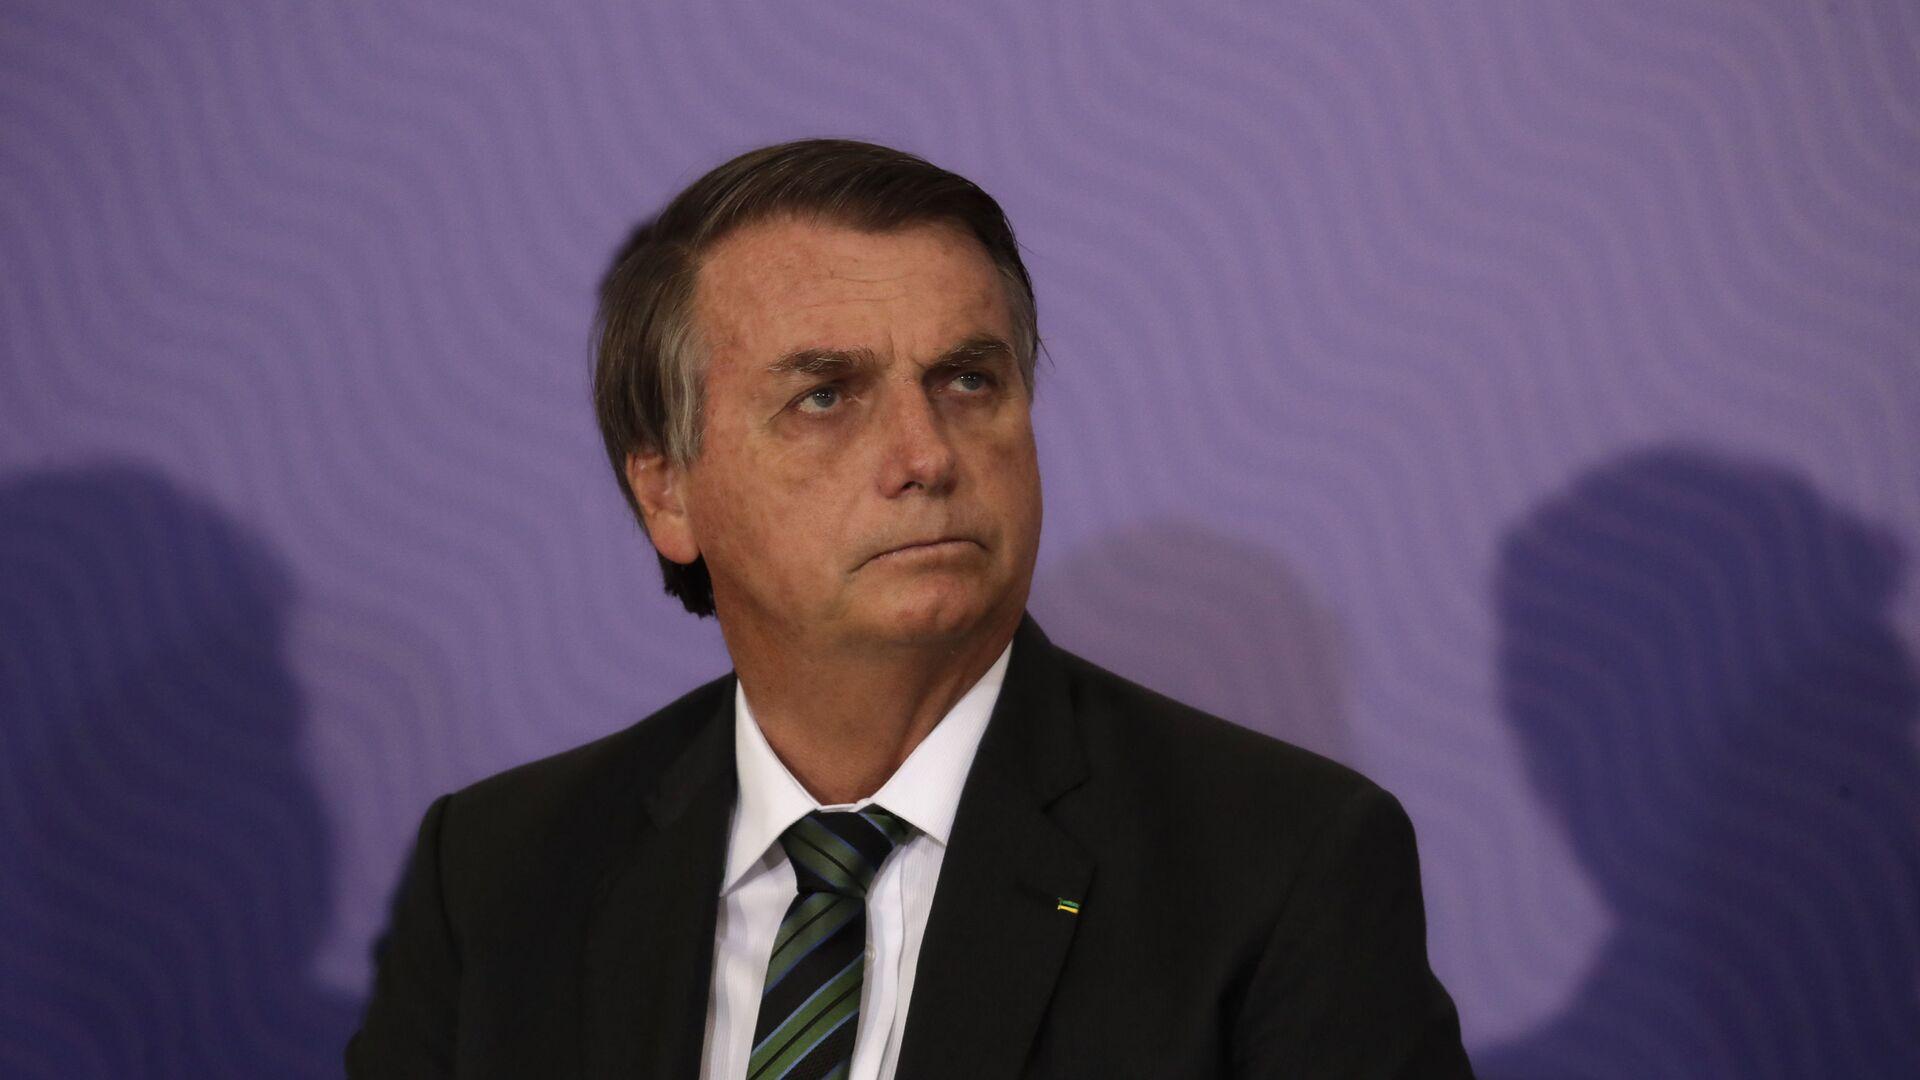 El presidente de Brasil, Jair Bolsonaro - Sputnik Mundo, 1920, 29.03.2021